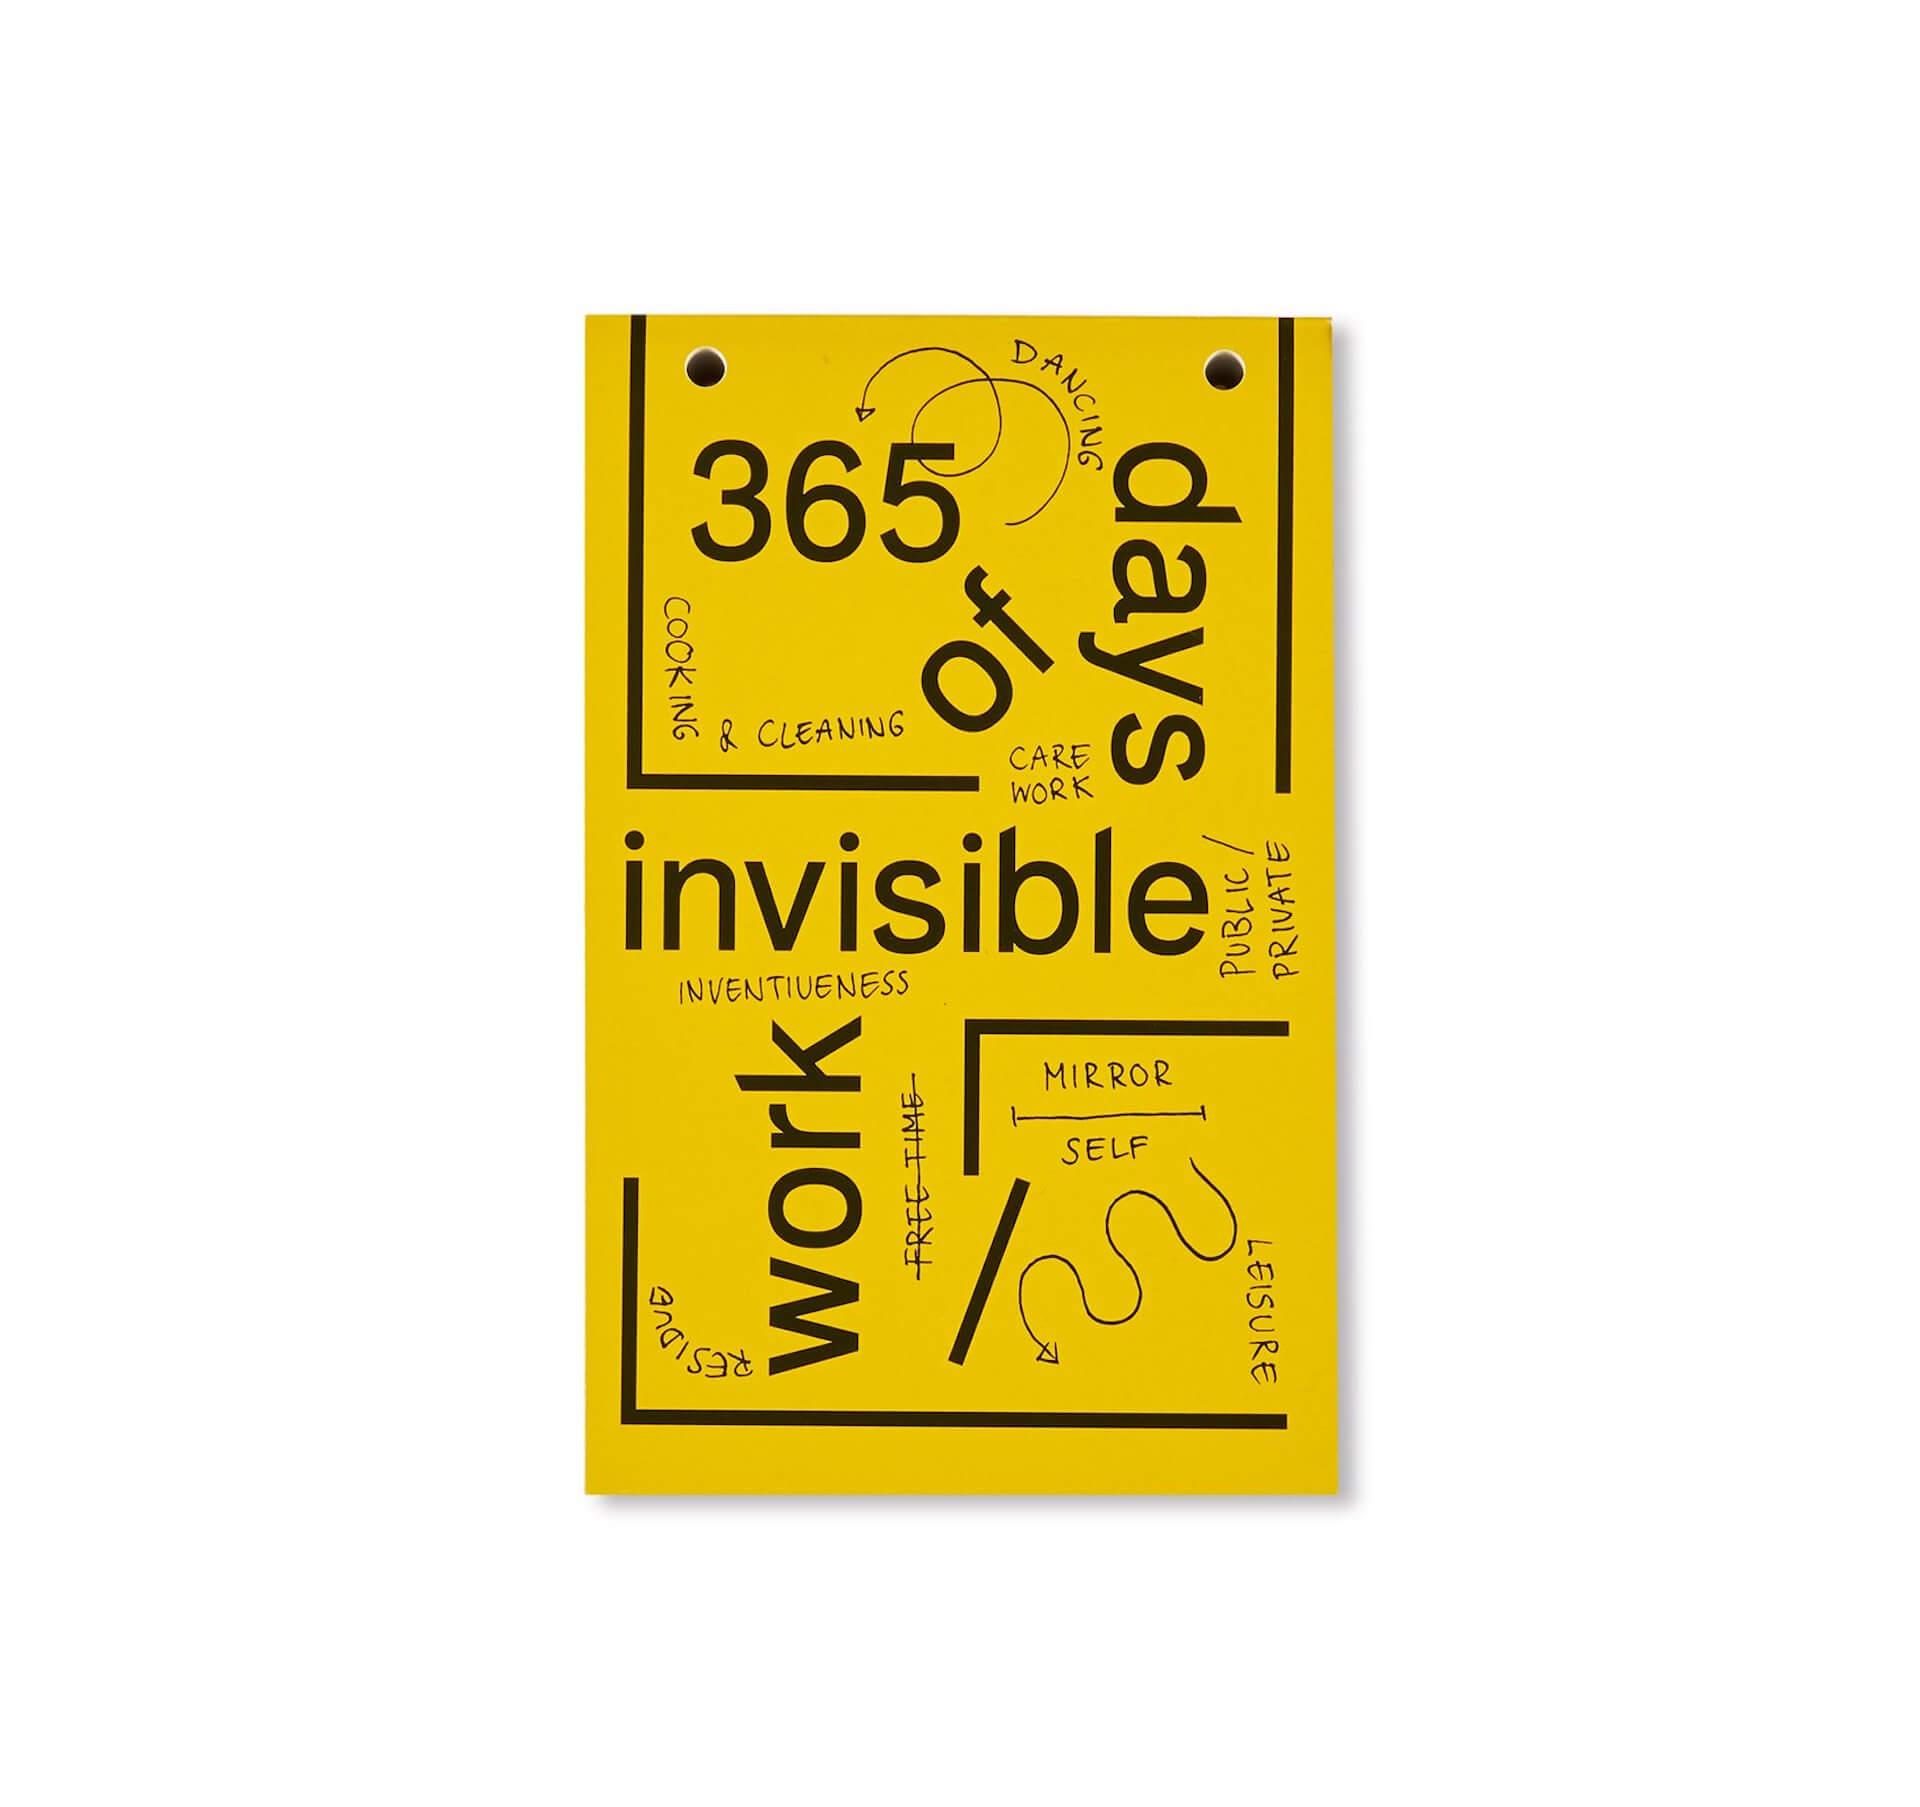 アートブックノススメ Qetic編集部が選ぶ5冊/Davide Sorrenti 他 art210322_artbook-03